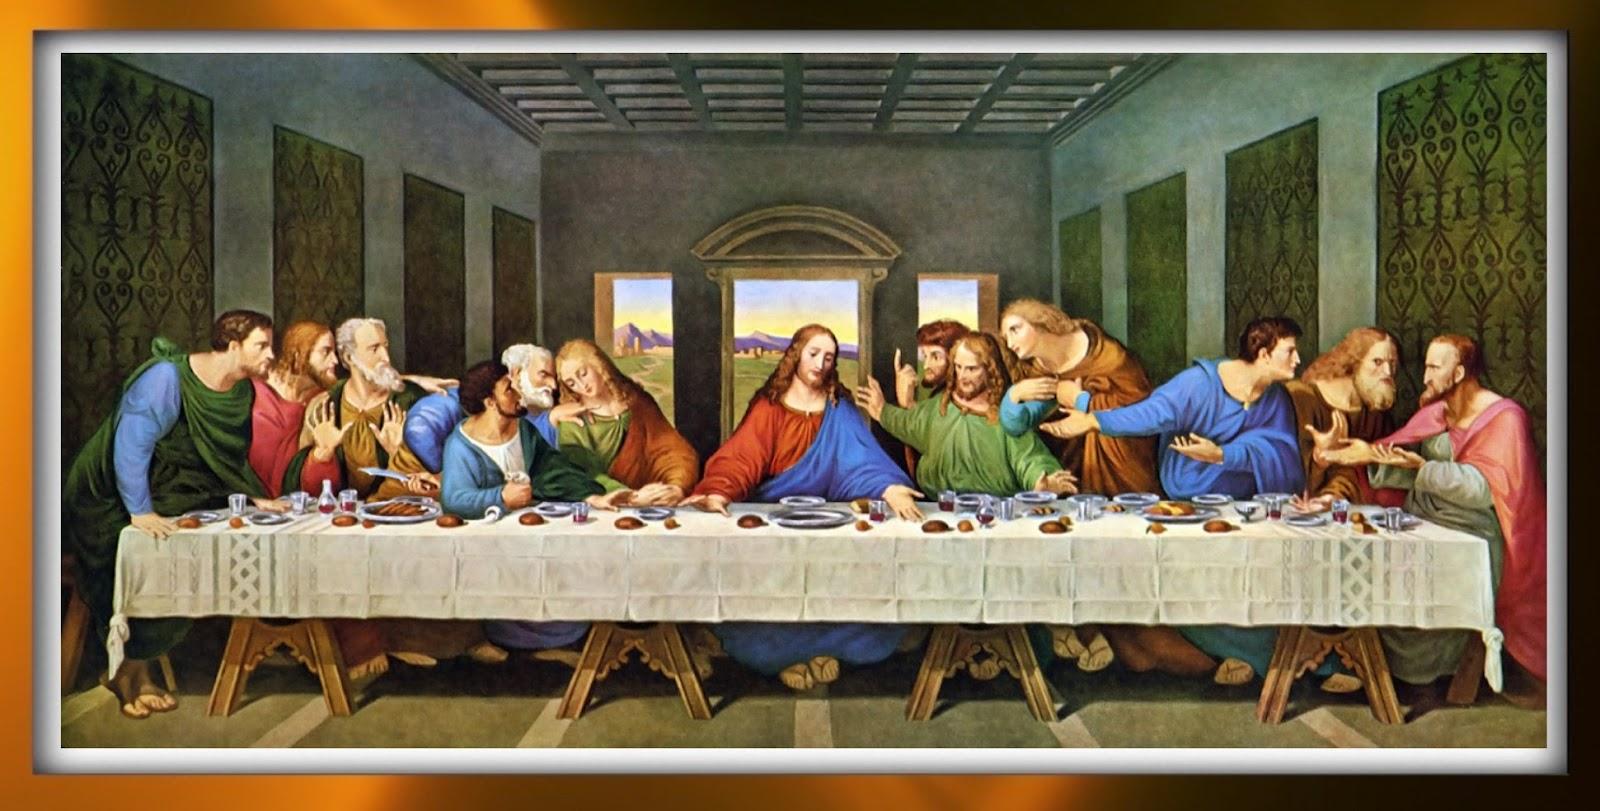 the_last_supper_restored_da_vinci.jpg